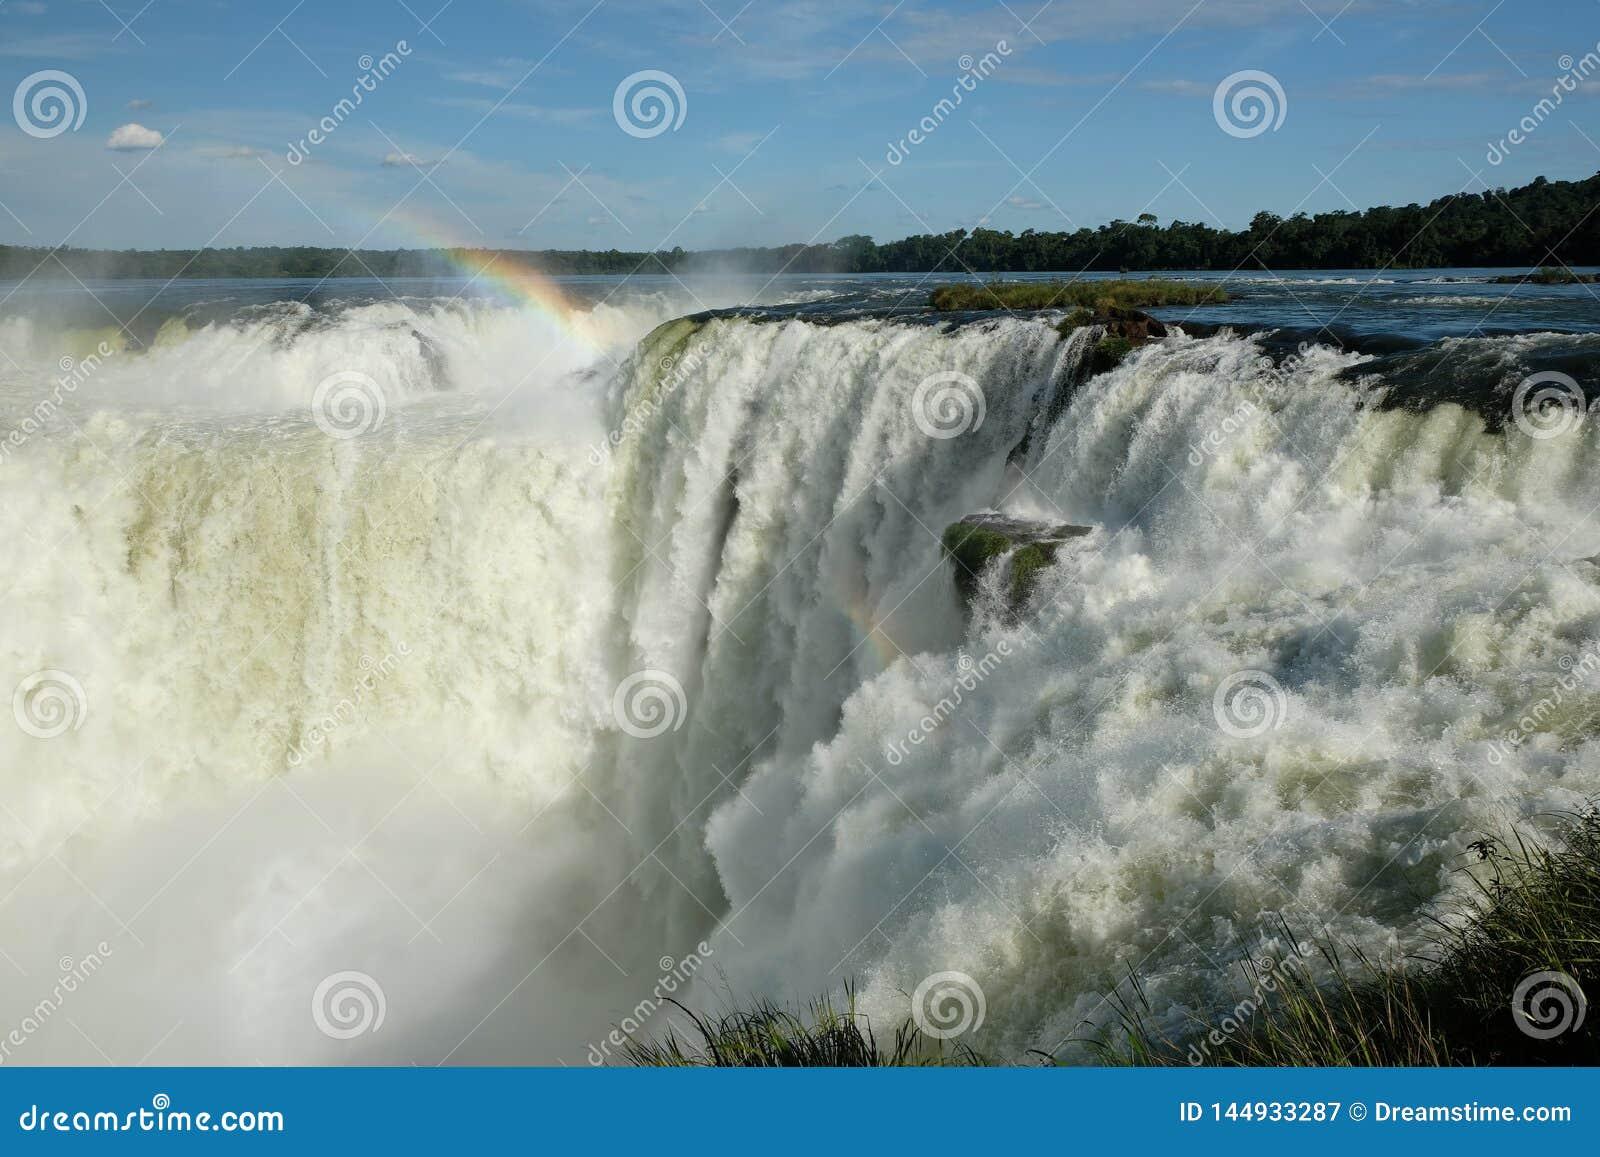 发怒的伊瓜苏瀑布,在彩虹下的阿根廷